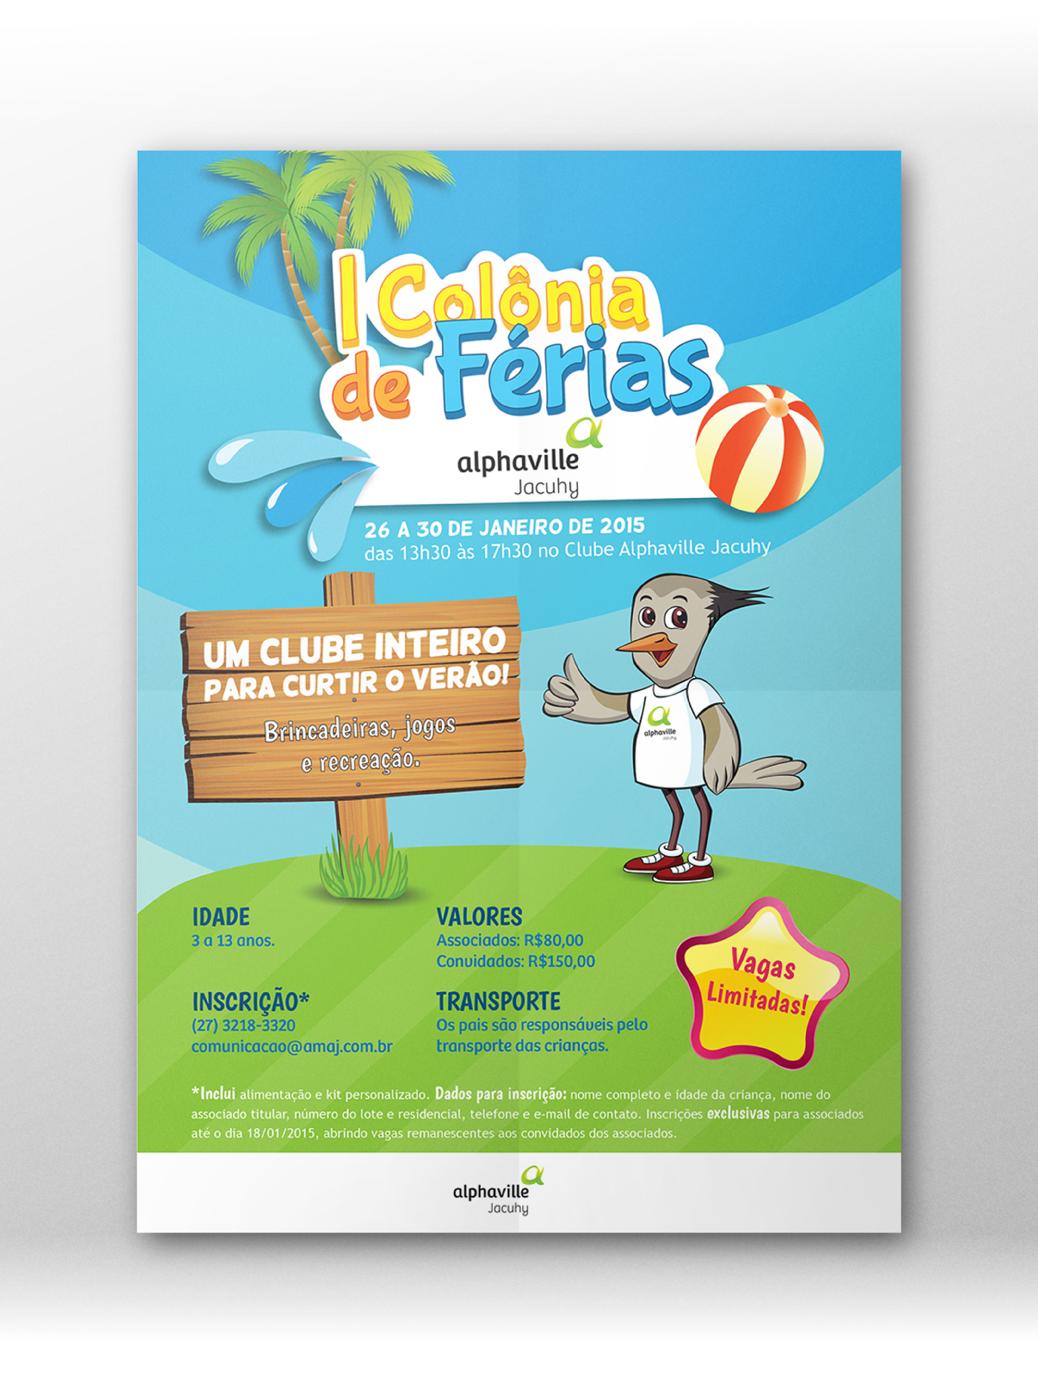 wce-site-novo-2016-portfolio-colonia-de-ferias2